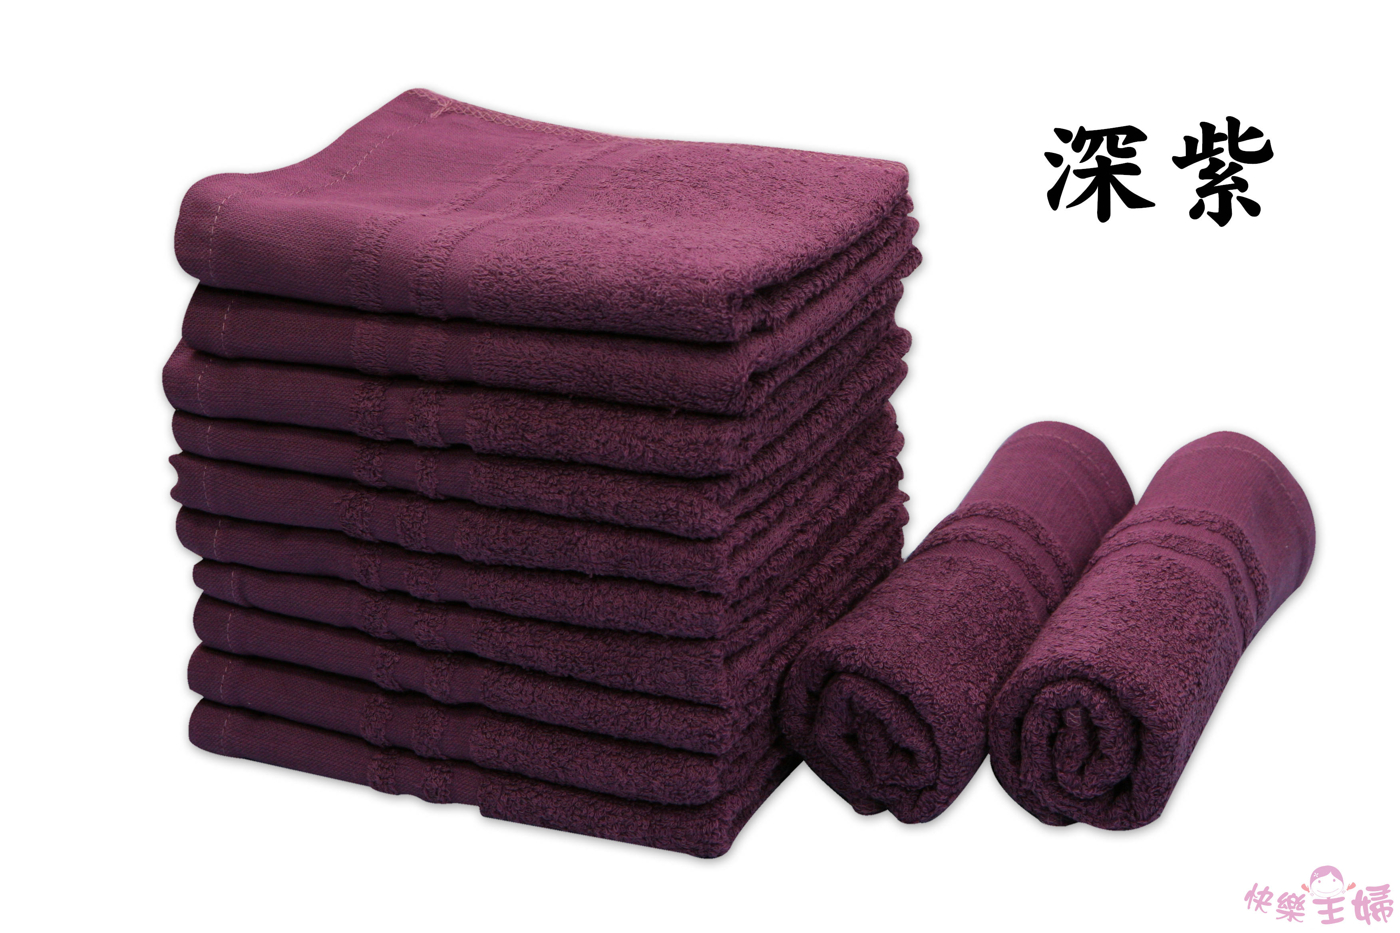 素色毛巾 24兩商用 / 深紫色 / 美容 美髮 75g 100%純棉 / 台灣專業製造【快樂主婦】